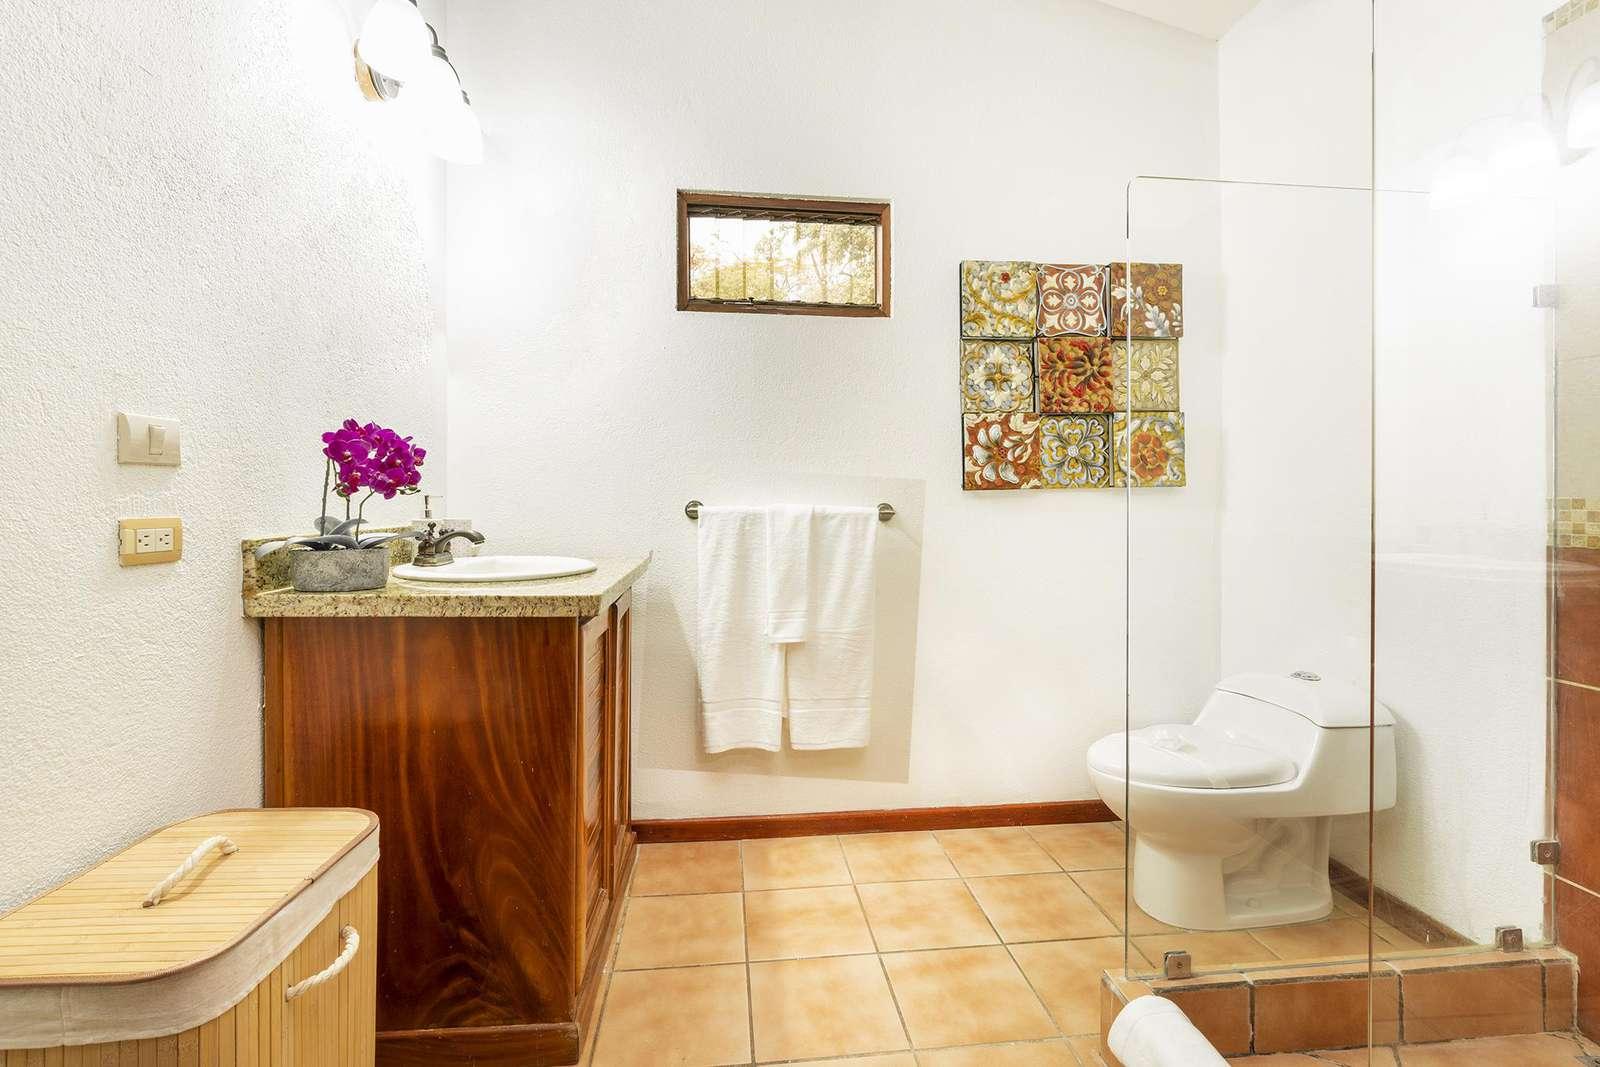 Spacious full bathroom, walk in shower, vanity area